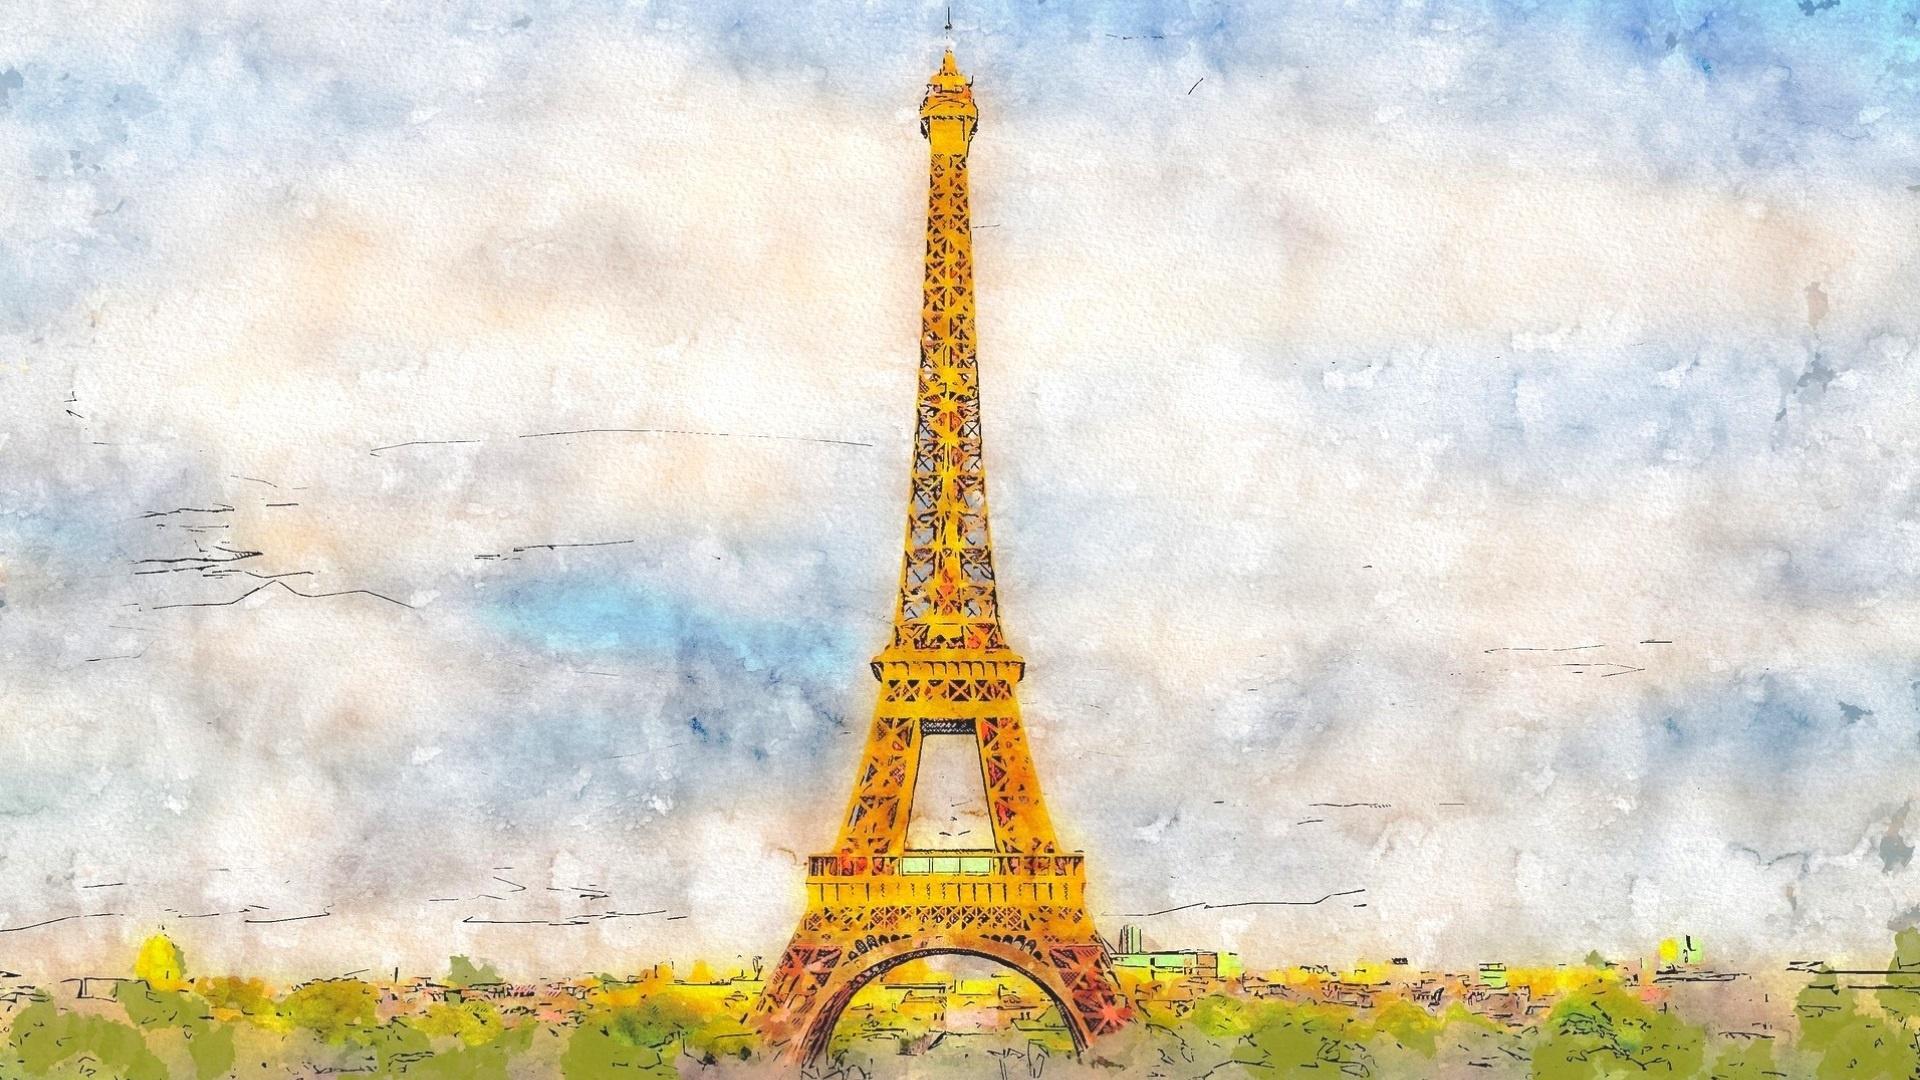 Eiffel Tower Art Background